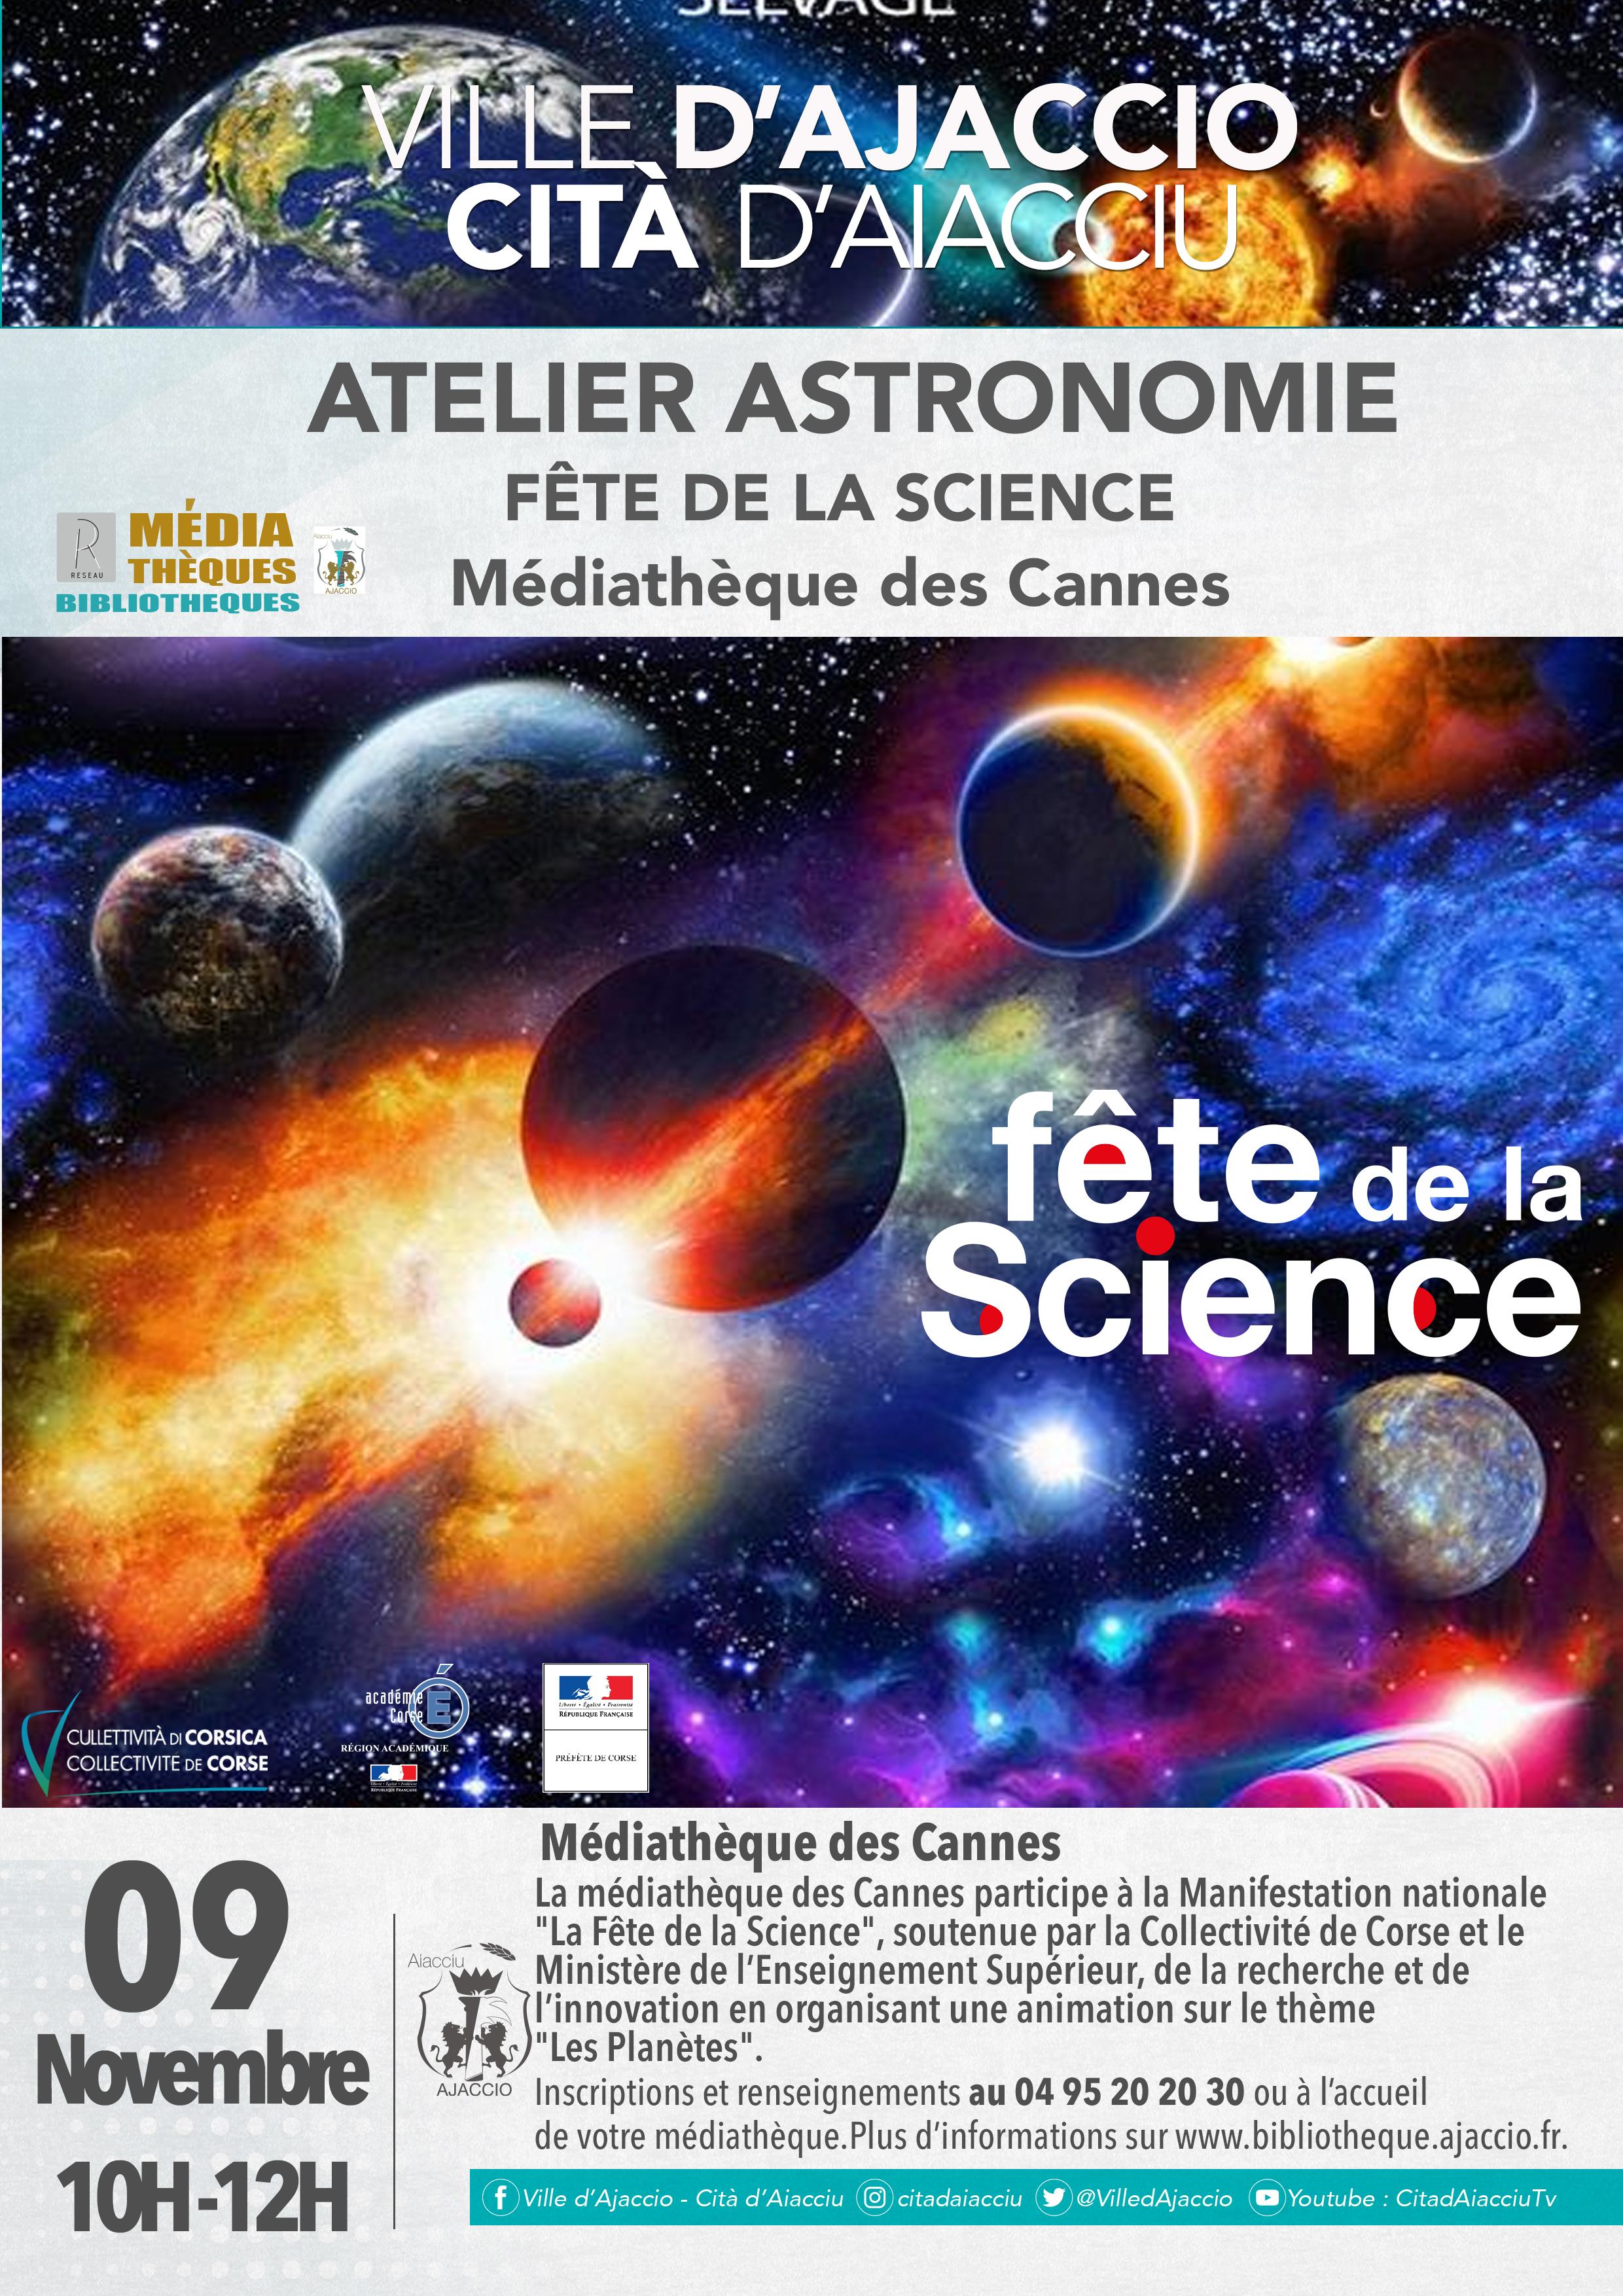 C'est la fête de la science dans les médiathèques d'Ajaccio